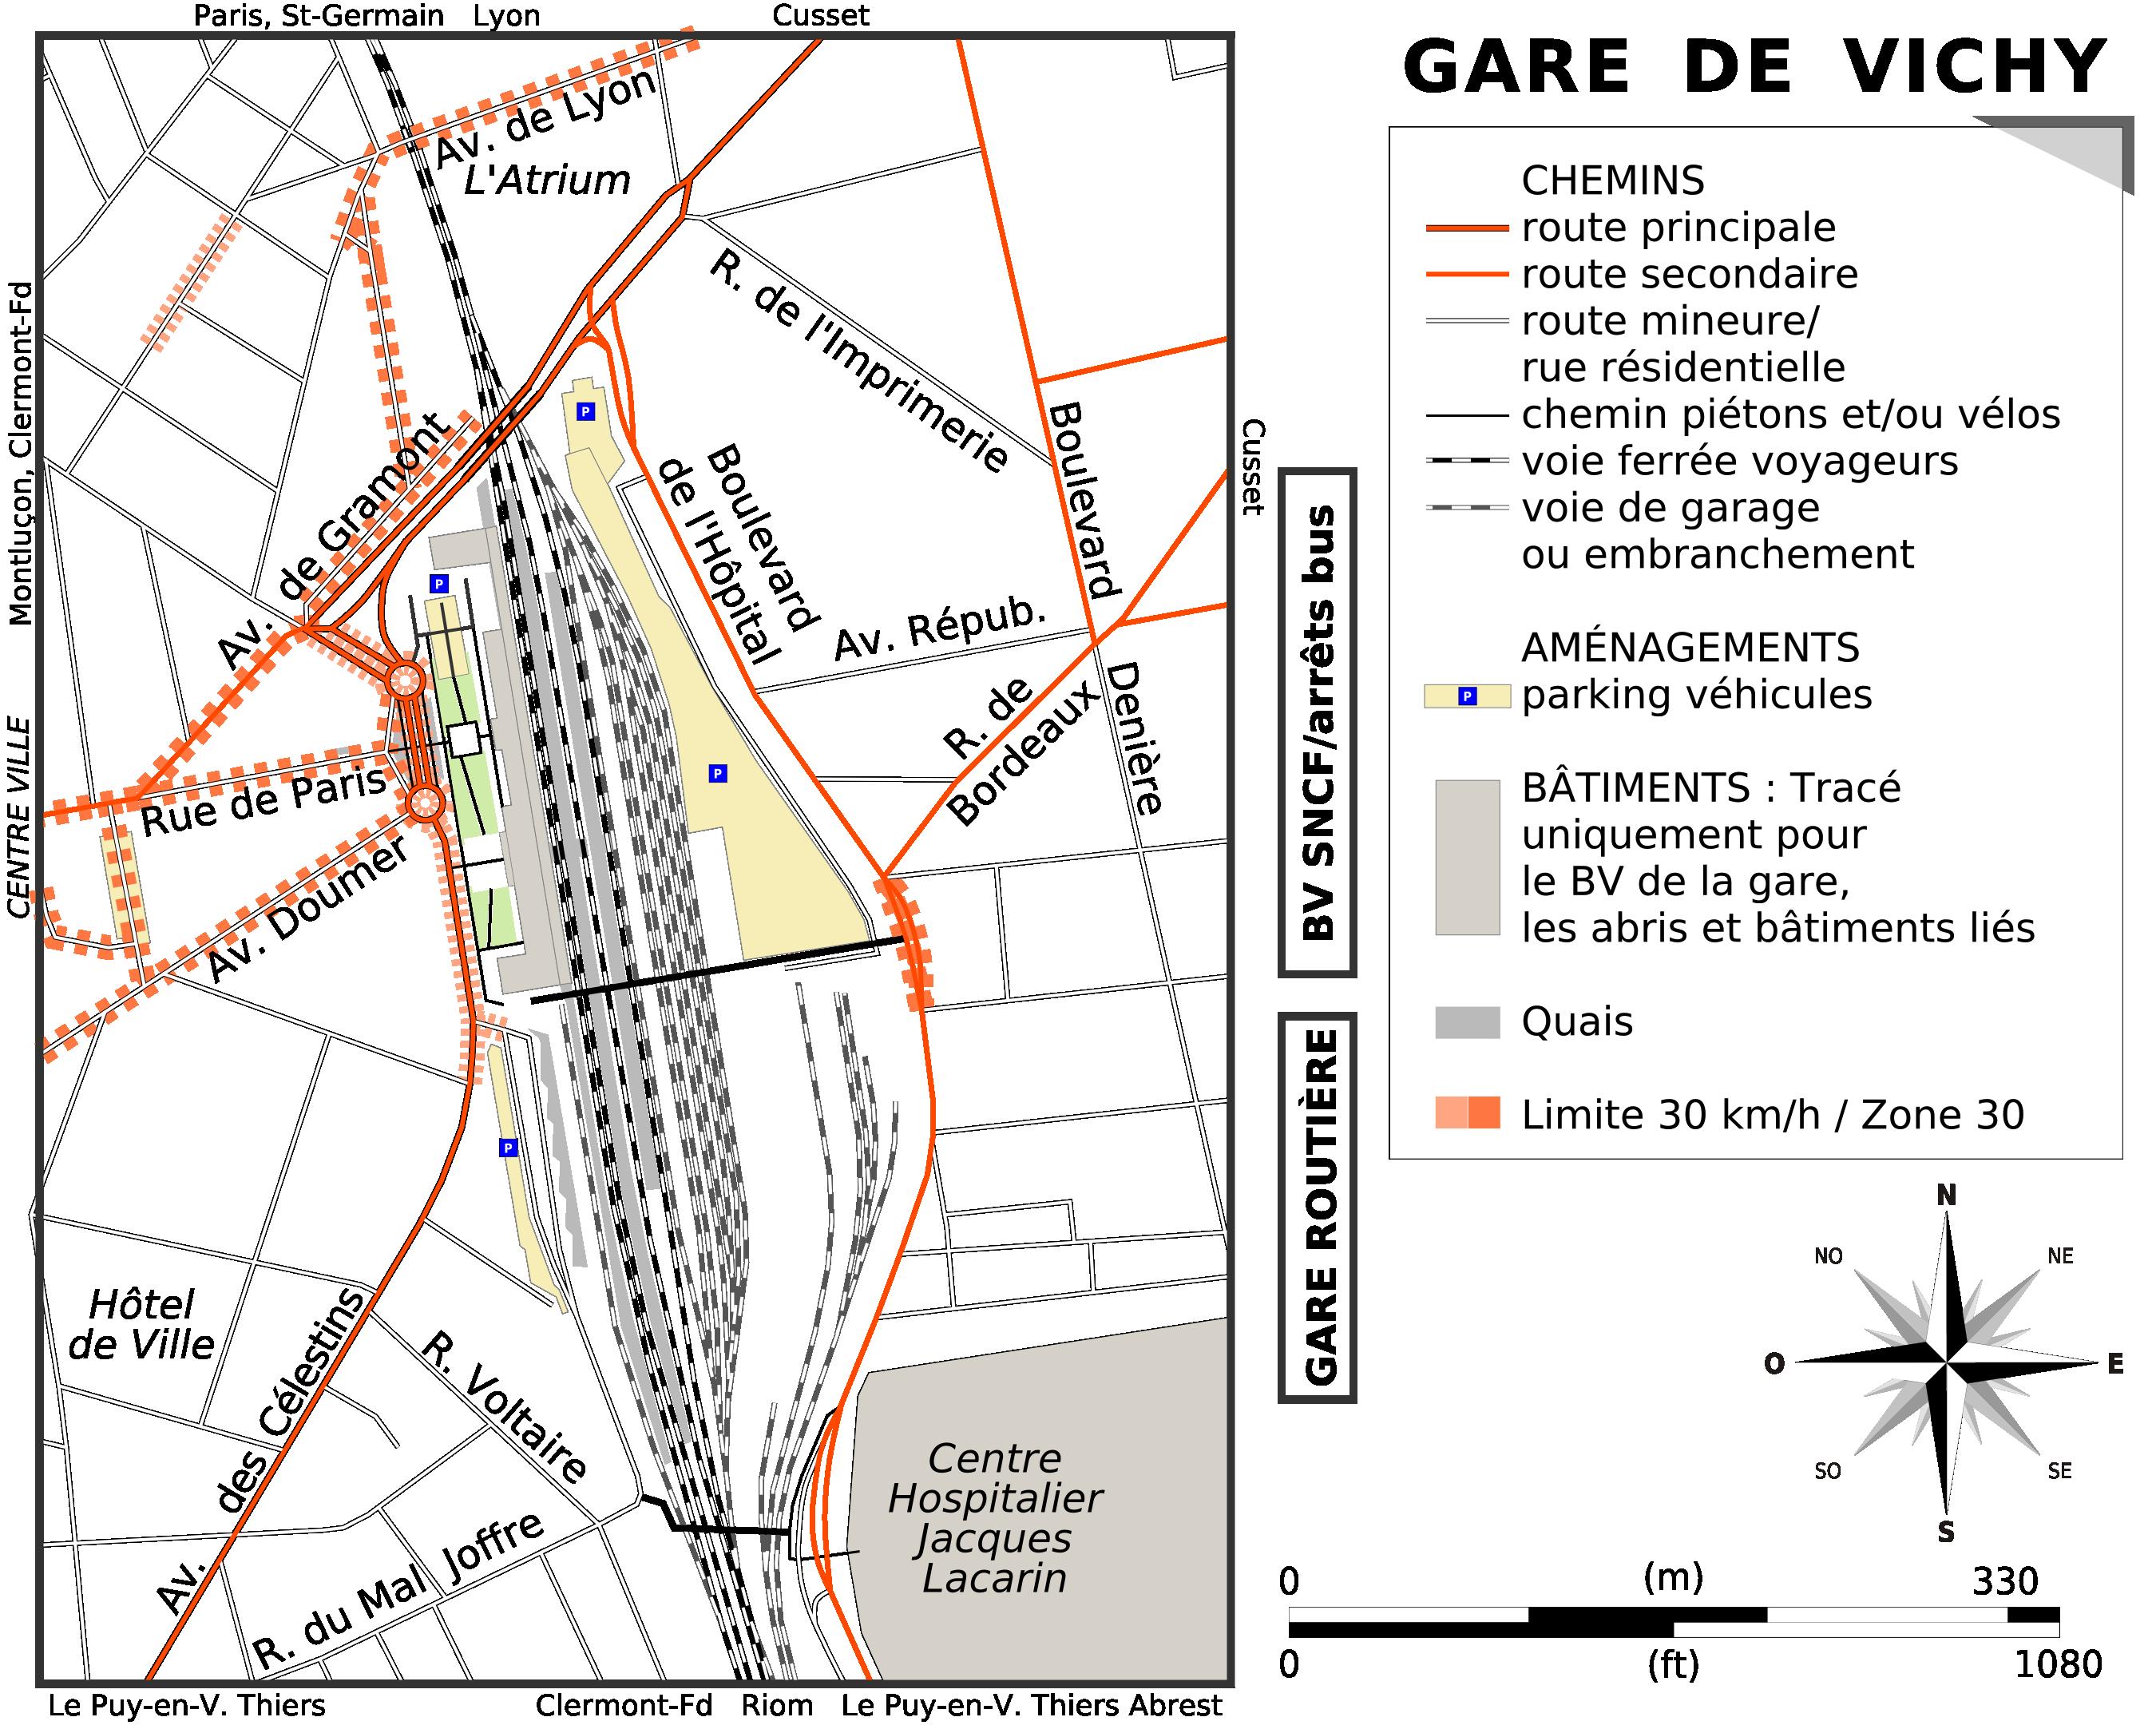 Carte des environs de la gare de Vichy